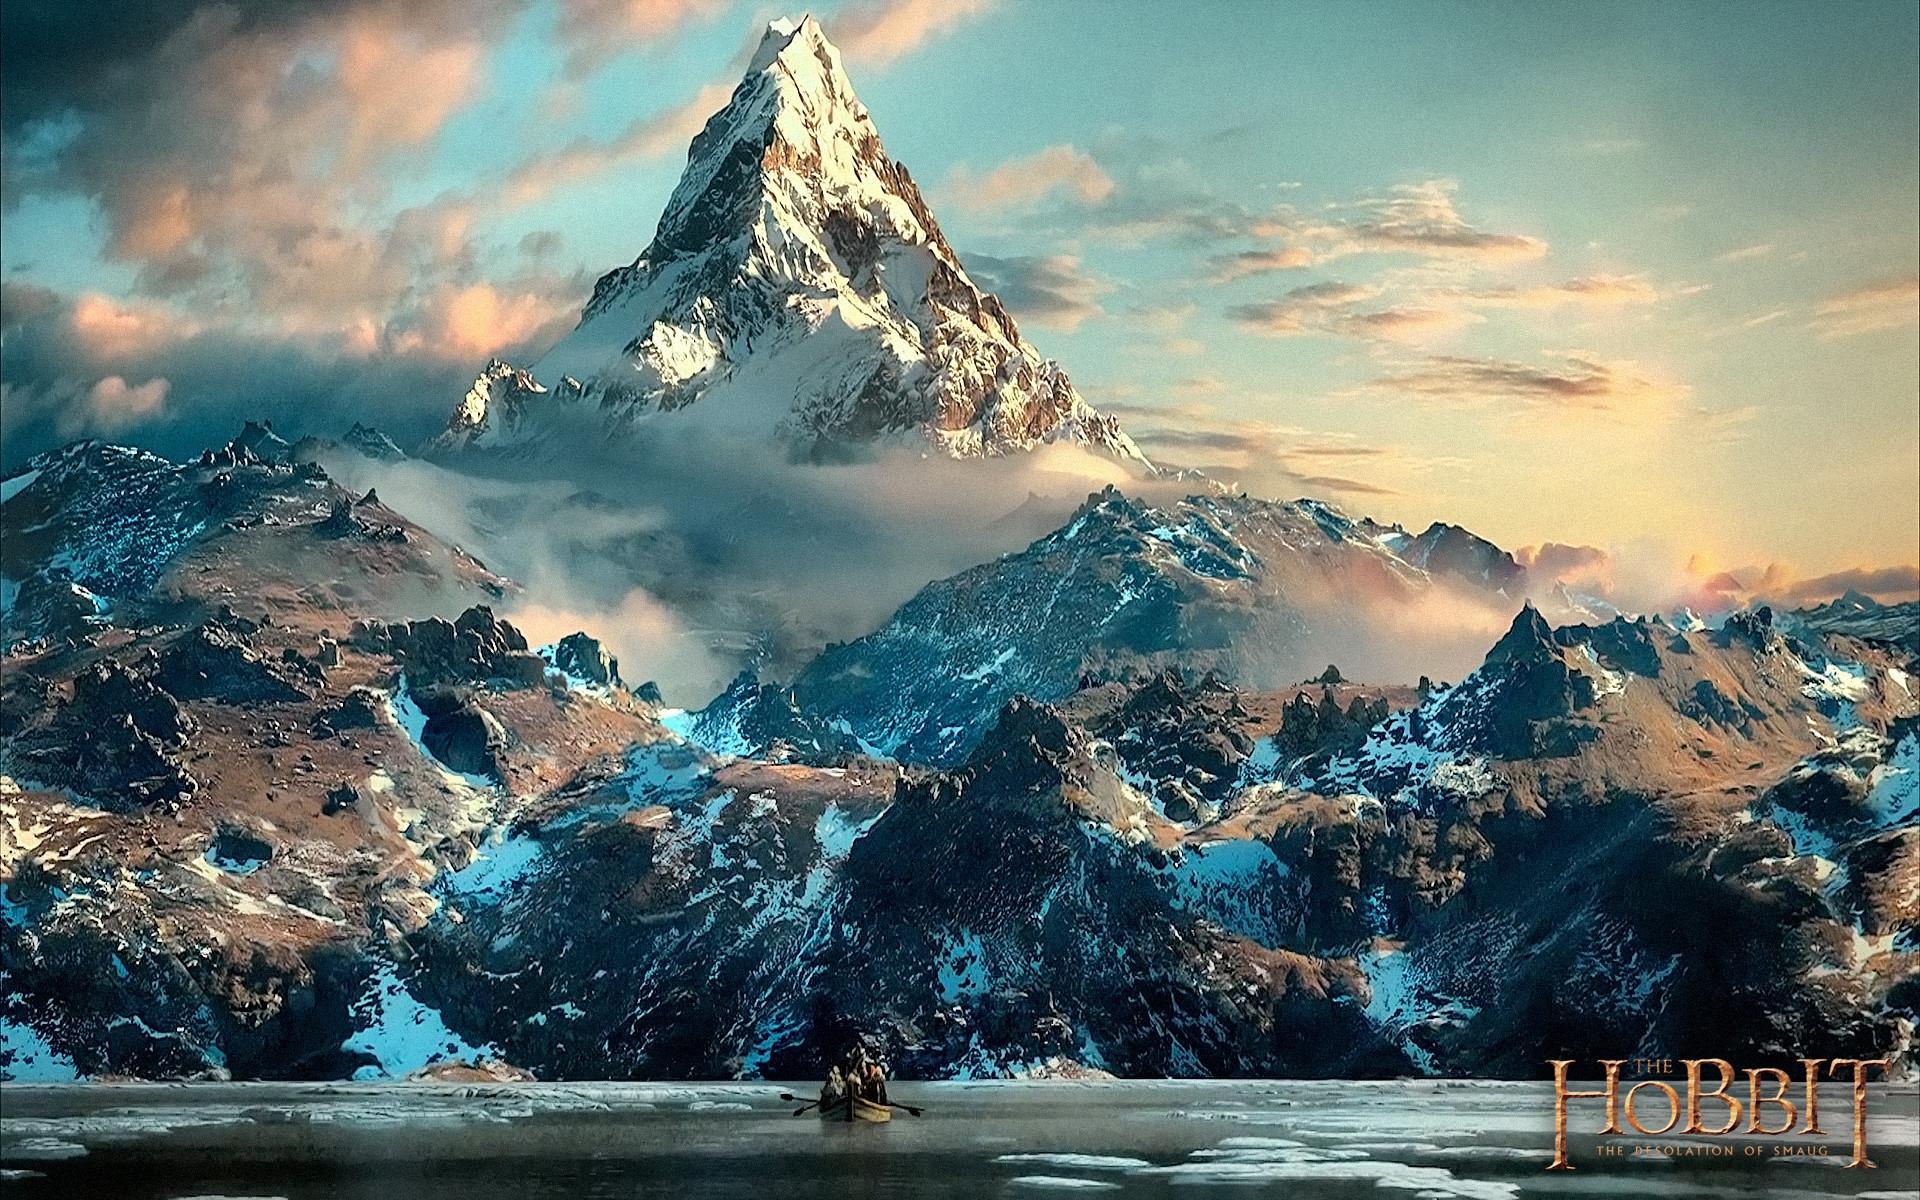 Lord of the Rings/Hobbit Wallpaper Dump (71)